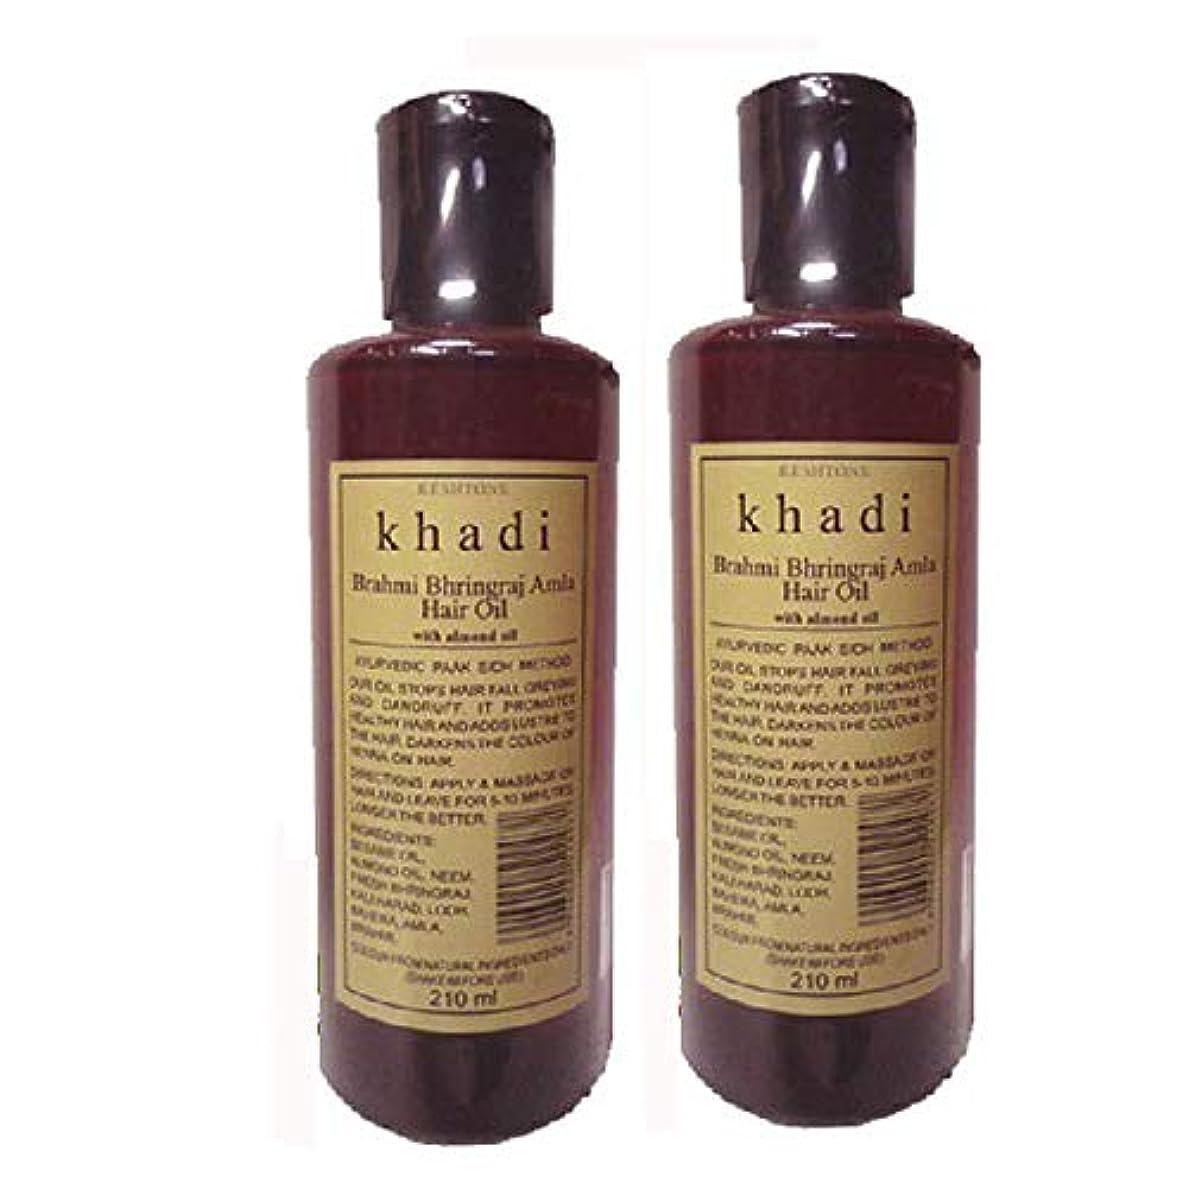 強風蒸発ディプロマ手作り カーディ ブラミ ブリングジ アムラ ヘアオイル 2本セット KHADI Brahmi Bhringraj Amla Hair Oil with almond oil 2set